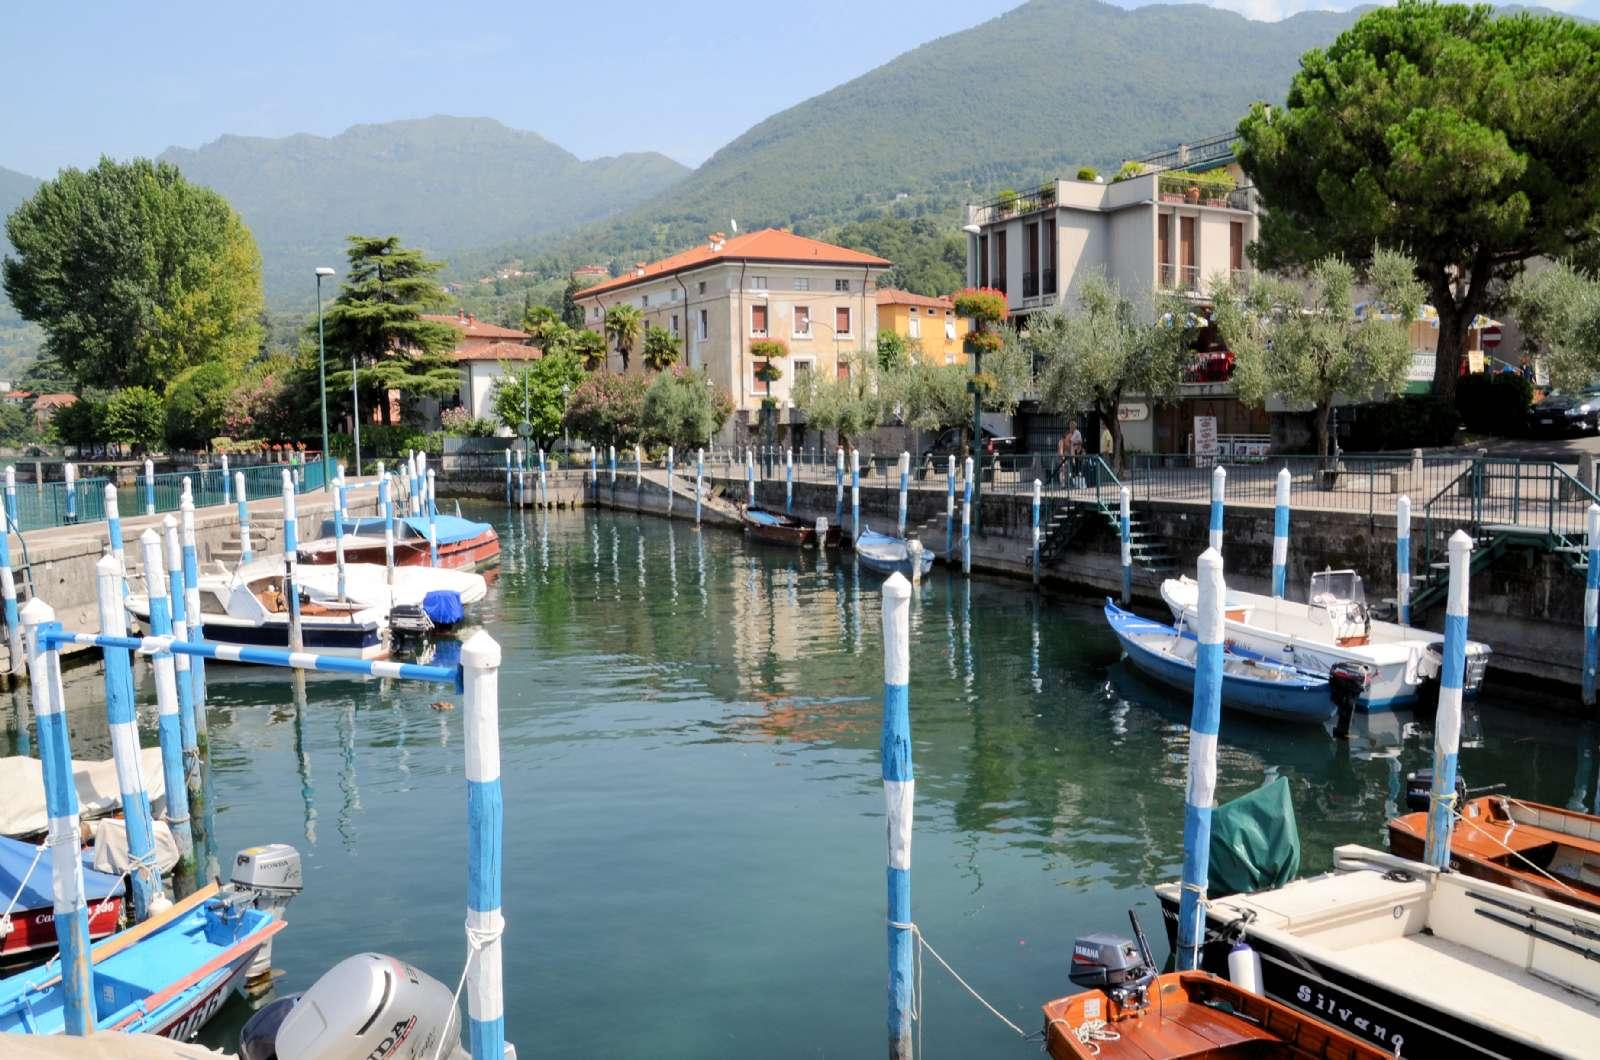 Le port de plaisance de Sulzano